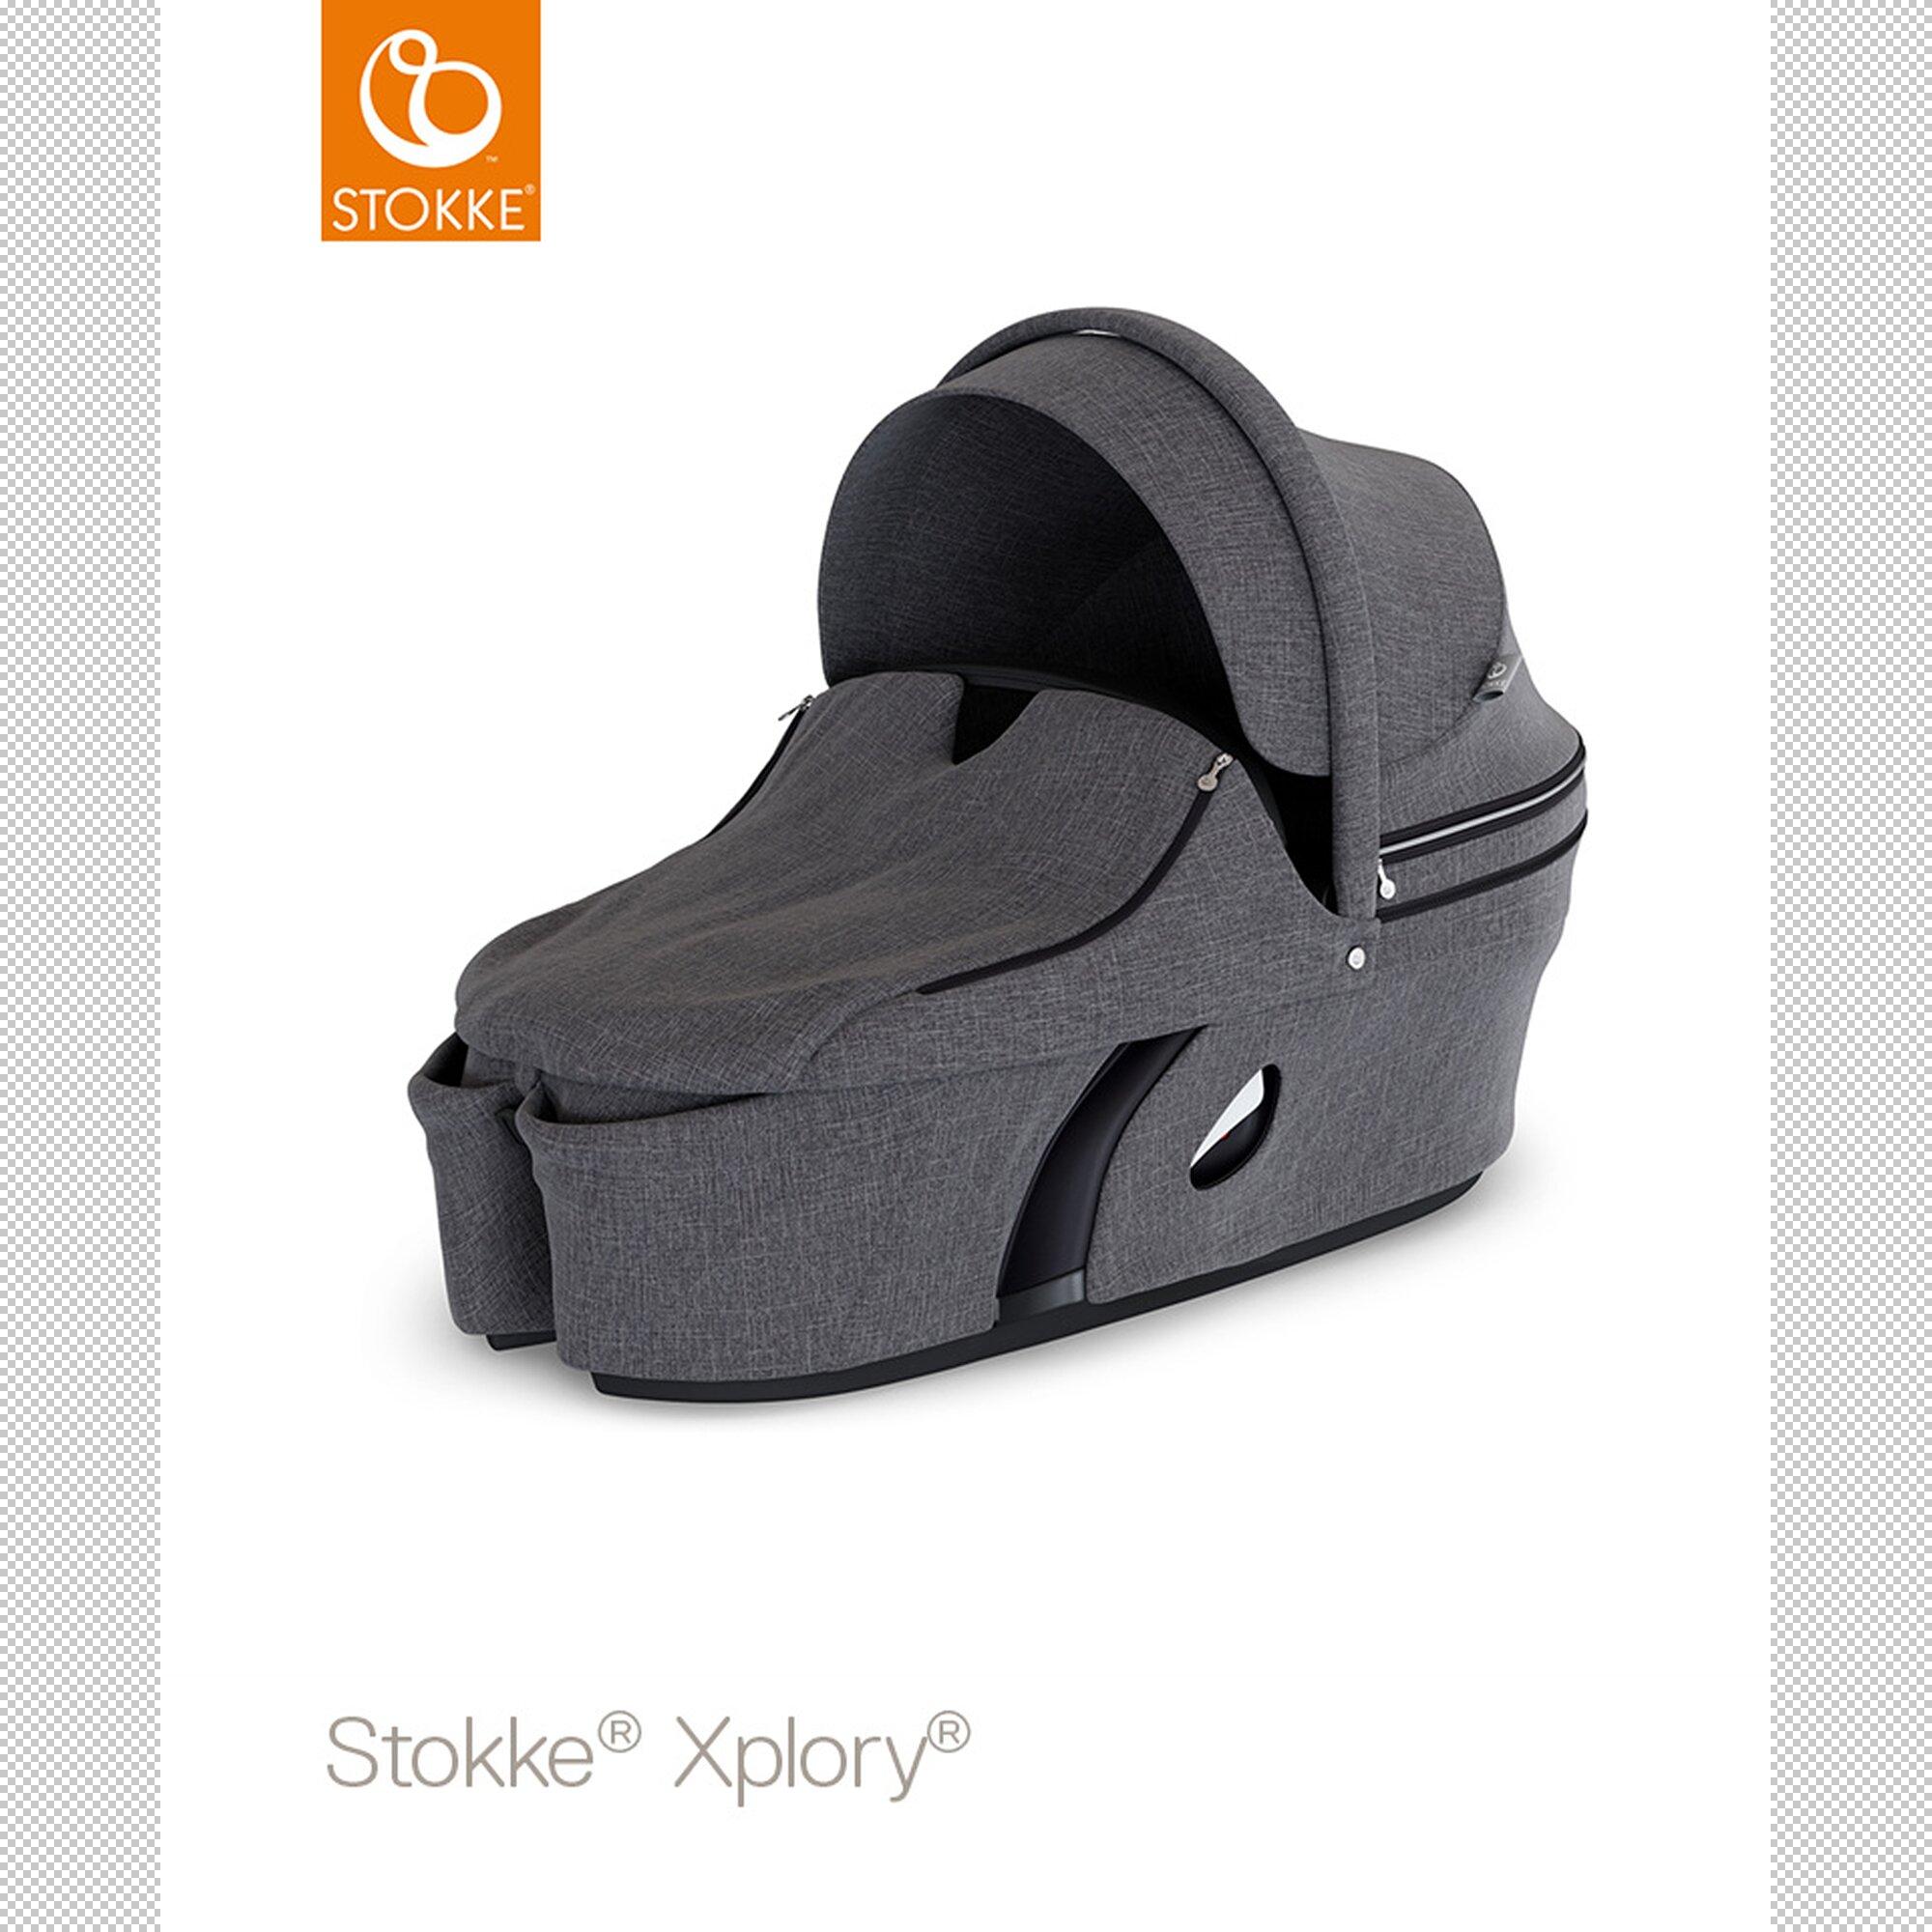 Xplory® V6 Tragewanne schwarz